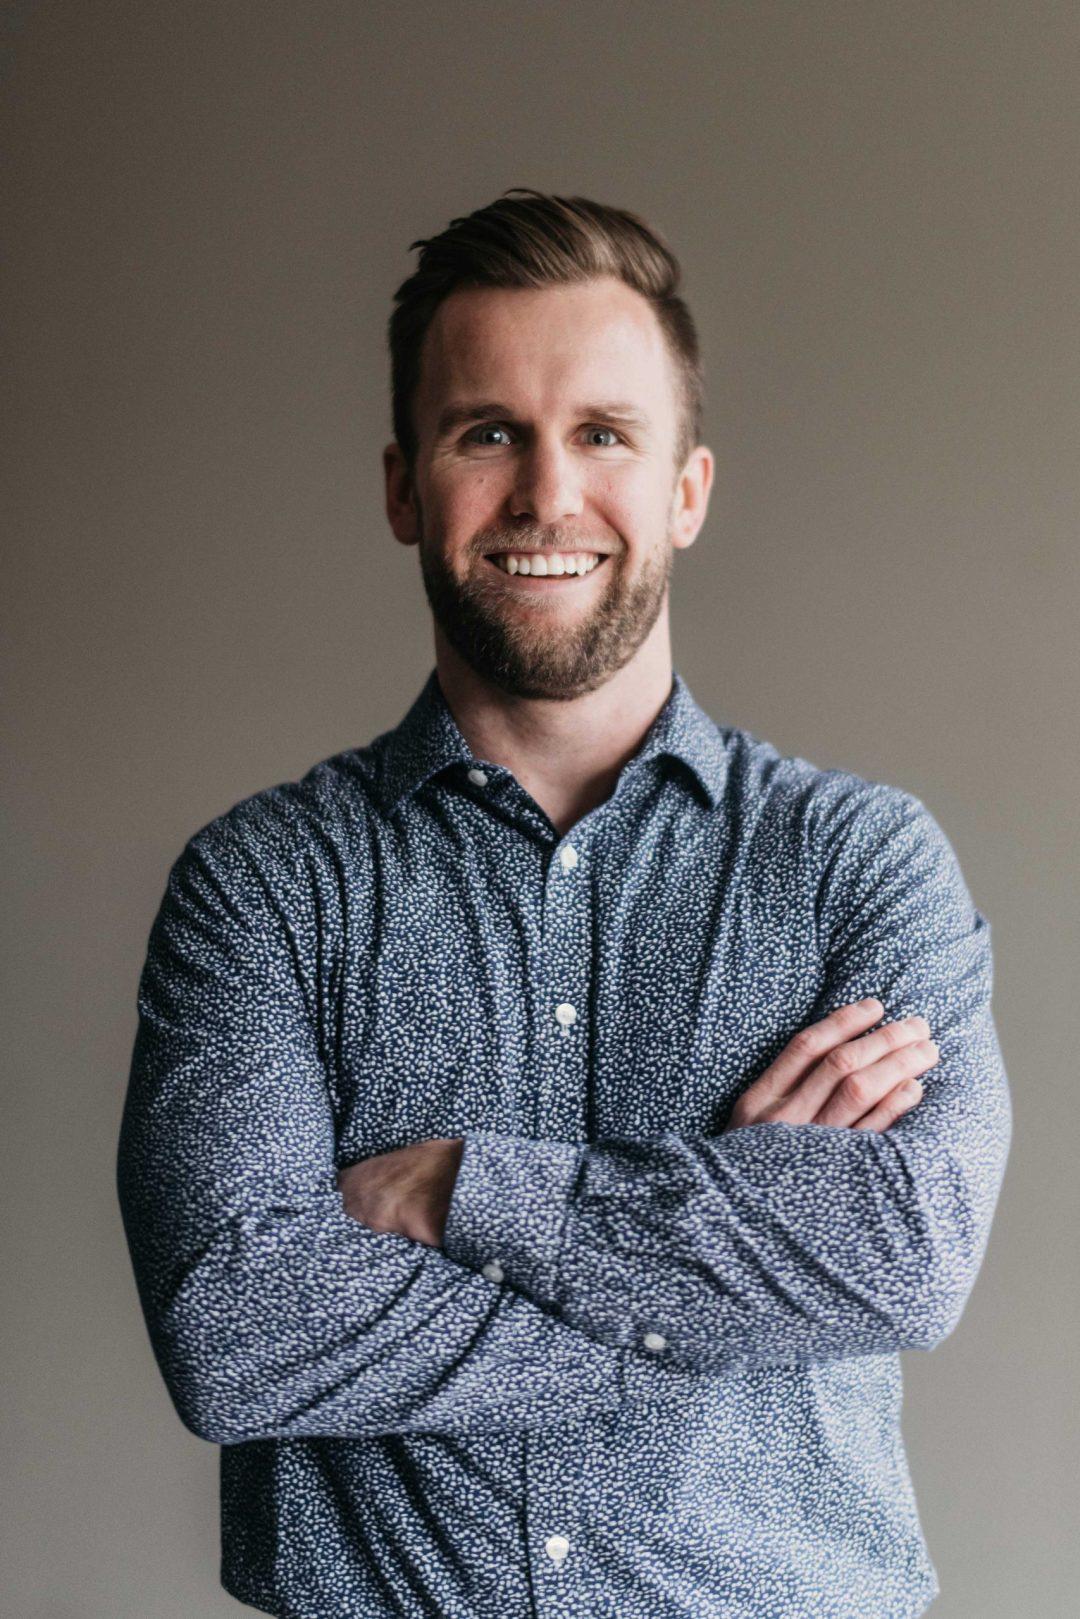 Mitch DeWitt, MBA